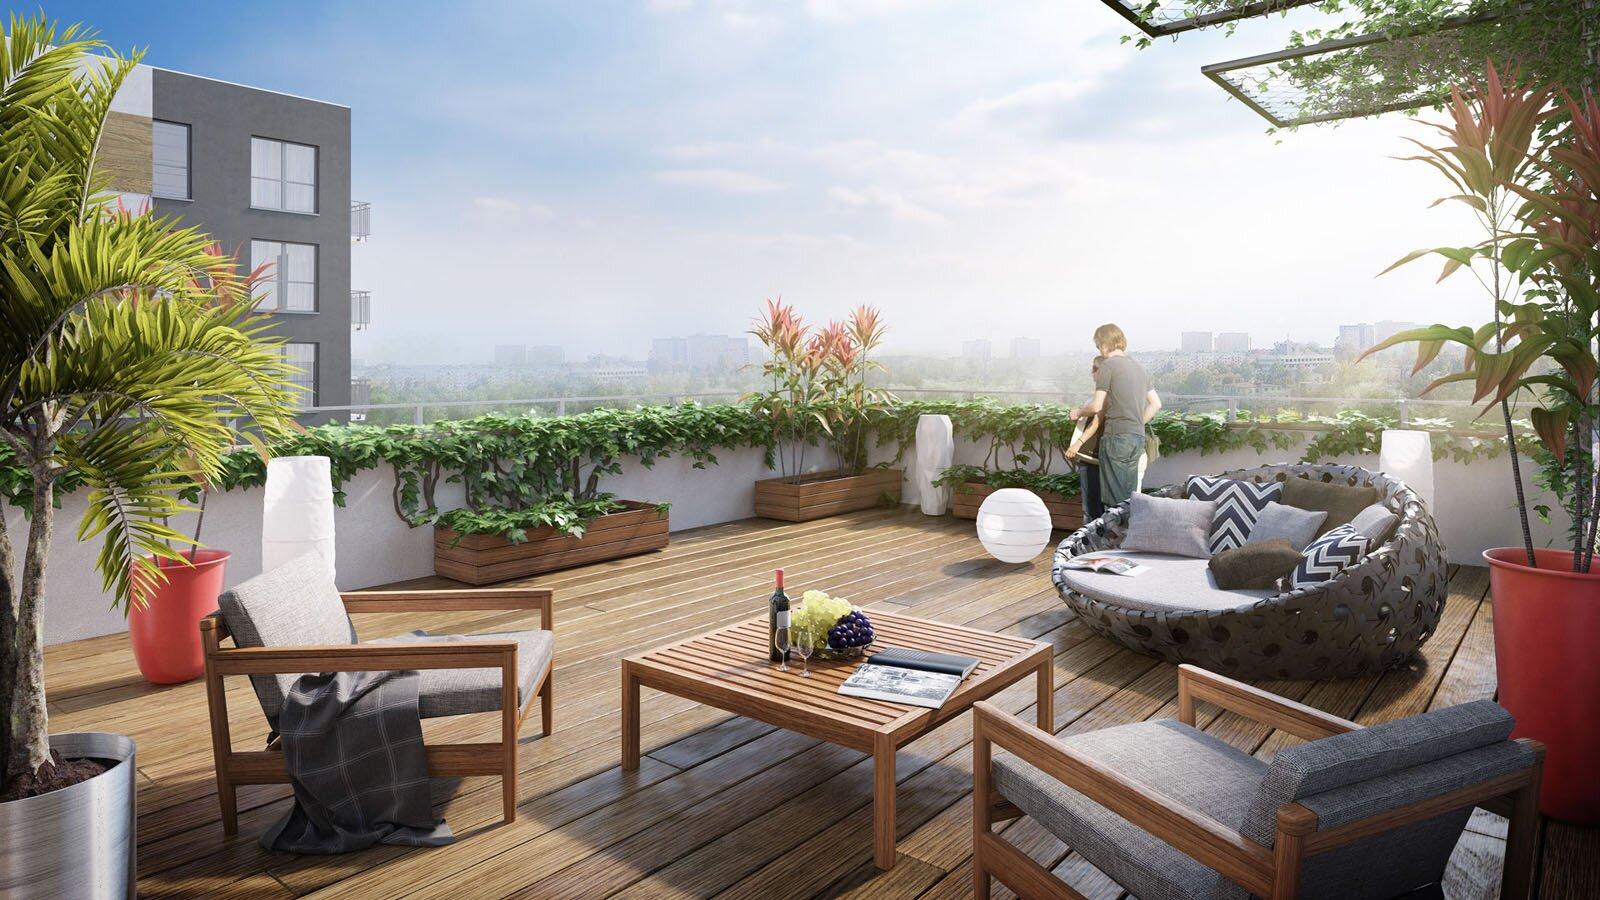 Wizualizacja 3d z widokiem na panoramę miasta. Atmosfera prywatności i spokoju.